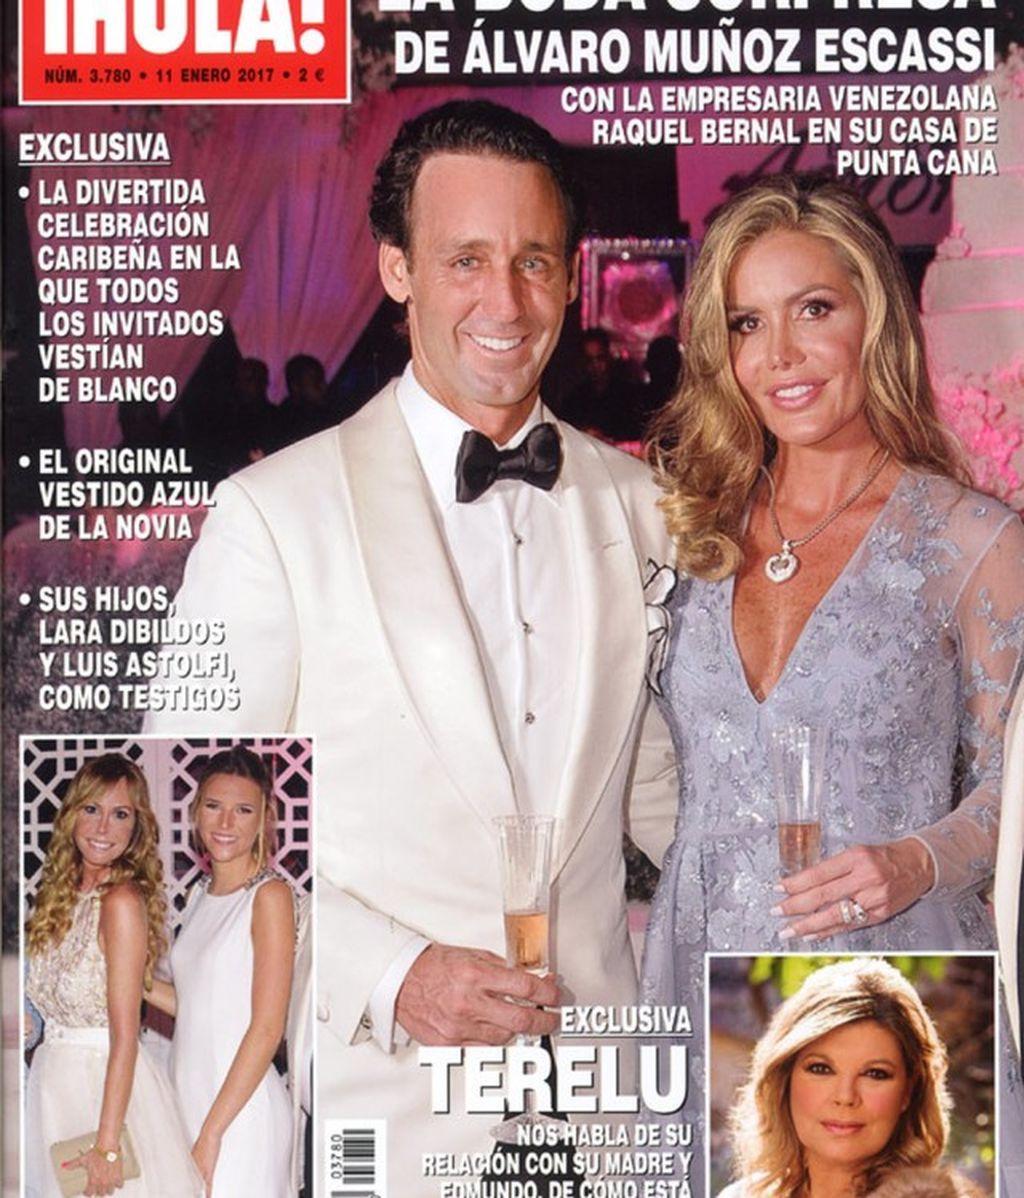 Todos de blanco y en Punta Cana: ¡boda sorpresa de Muñoz Escassi y Raquel Bernal!